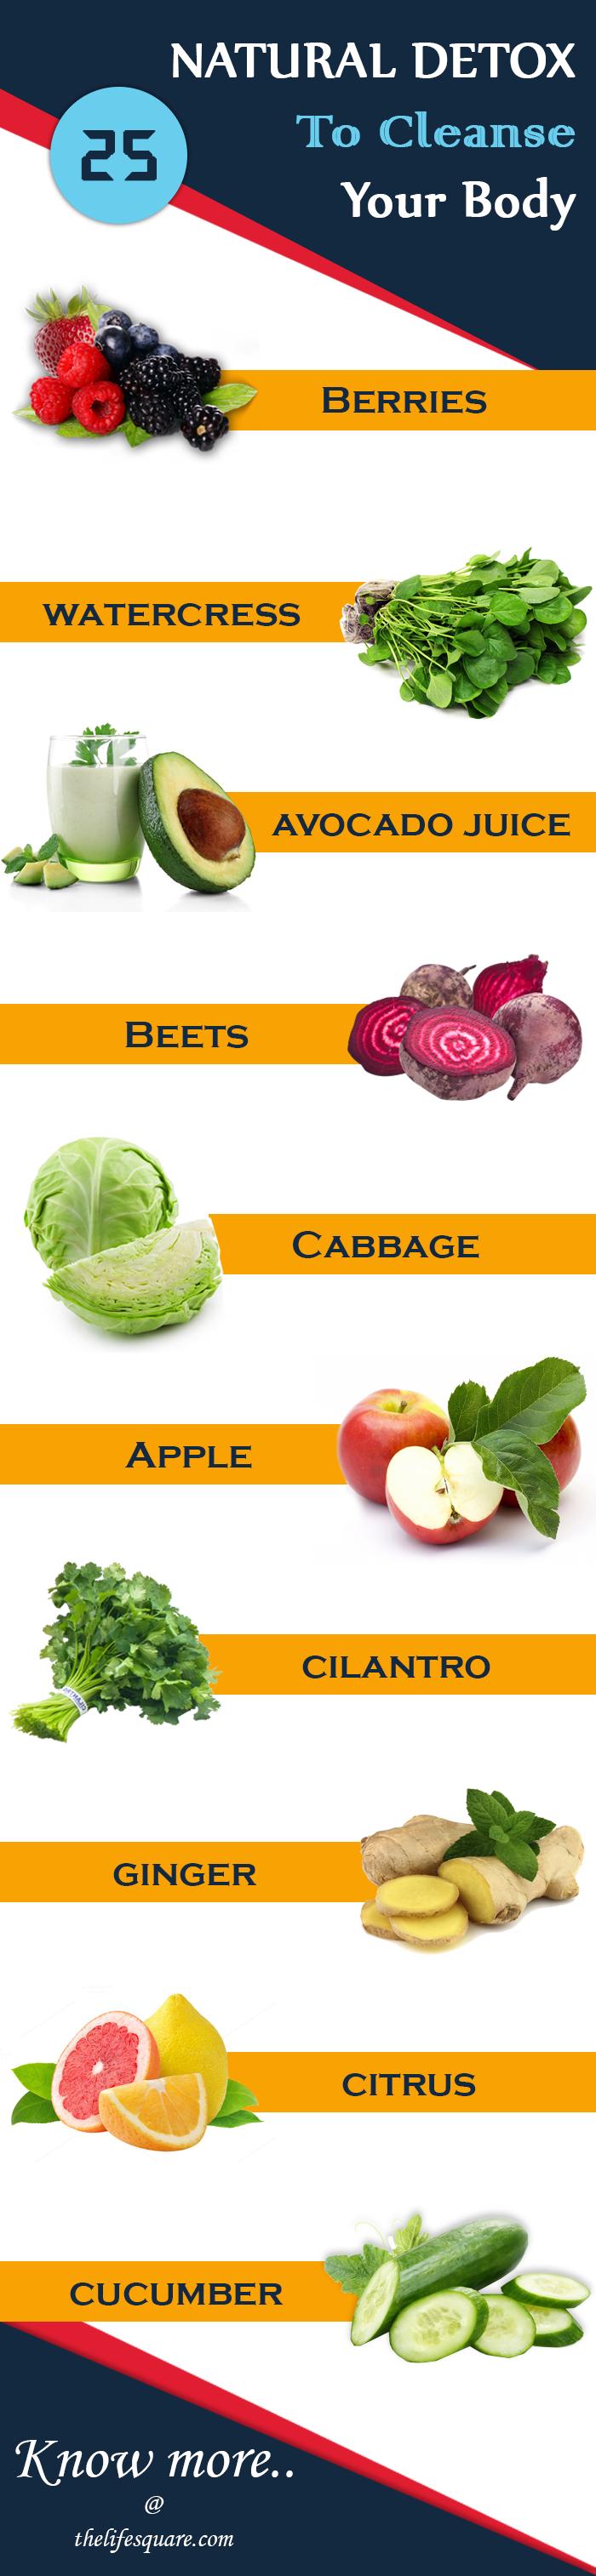 Natural Detox Foods